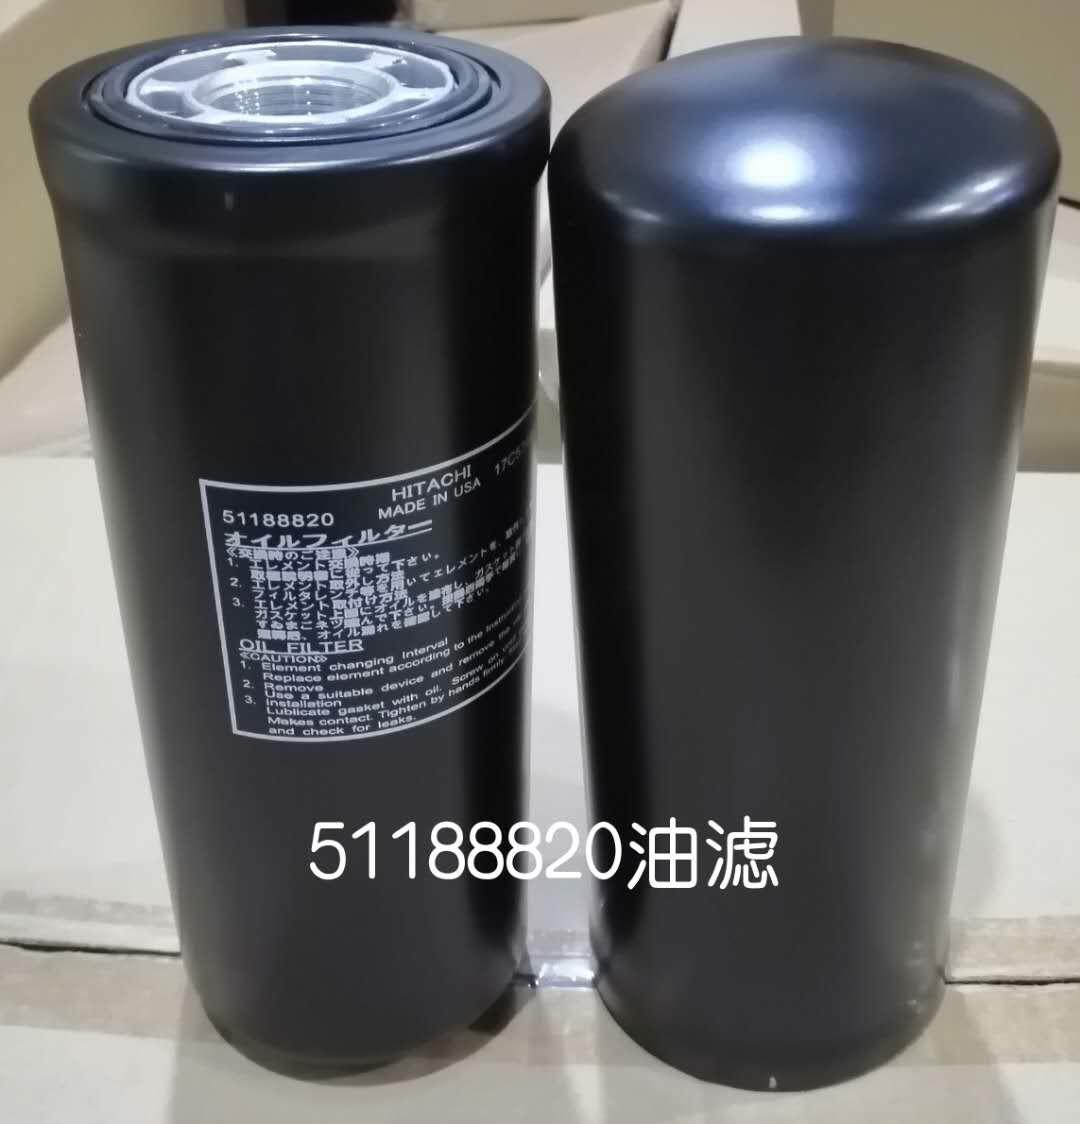 日立空压机配件批发51188820 1